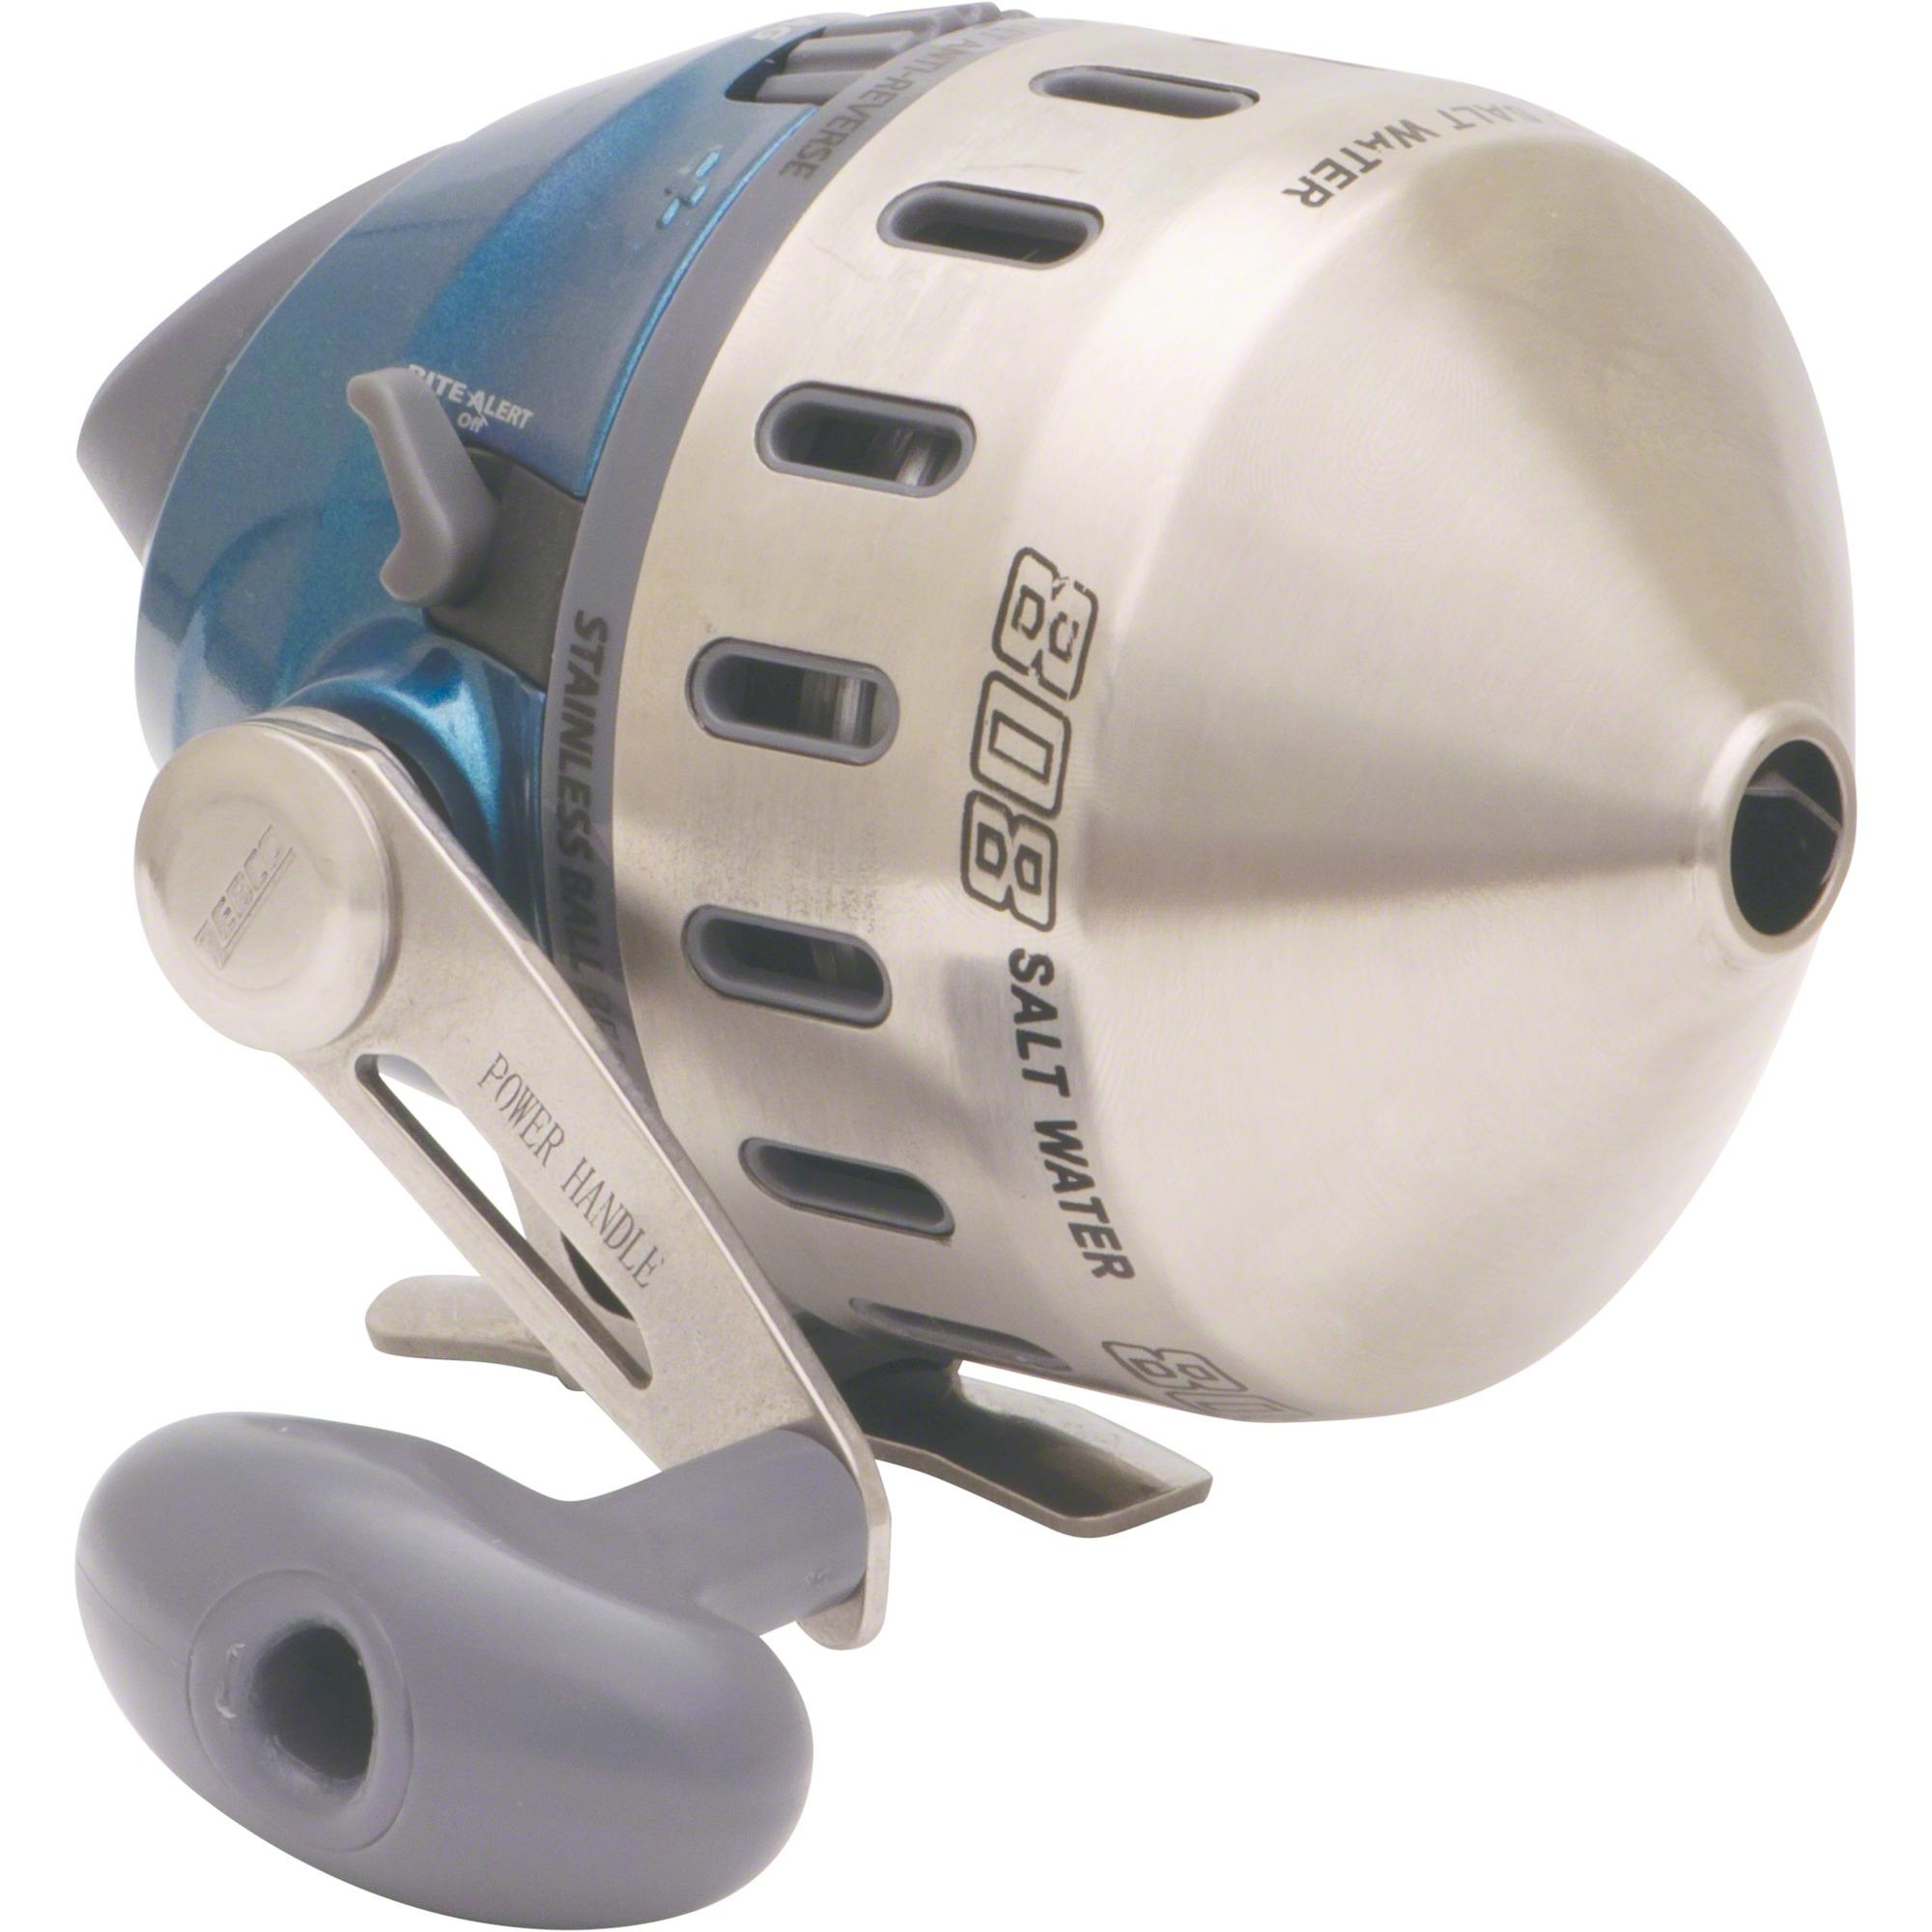 Zebco 808HSF BX 808 Saltwater Spincast  2.6 1 Prespooled 20Lb Box  wholesale cheap